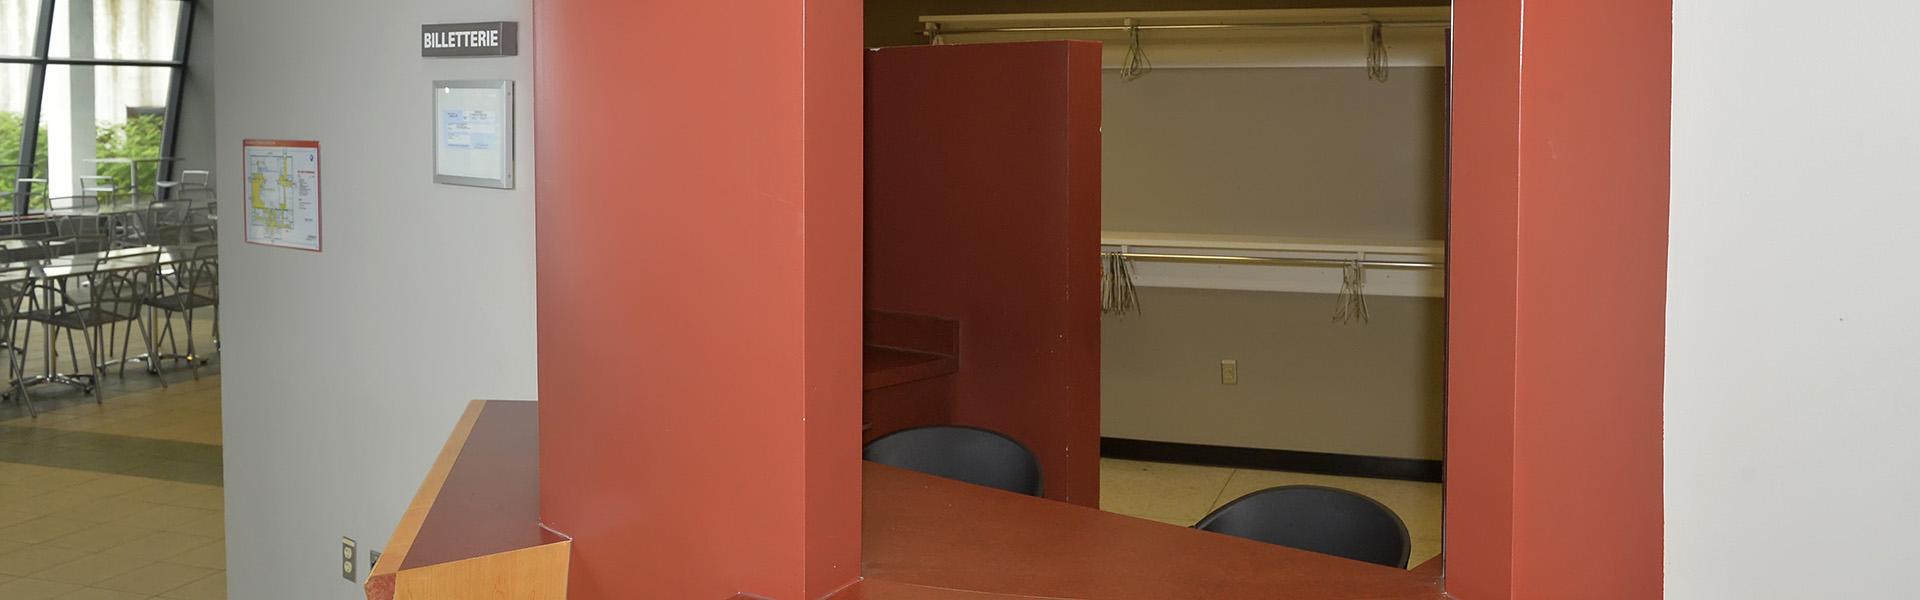 Espace billetterie avec vestiaire intégré.